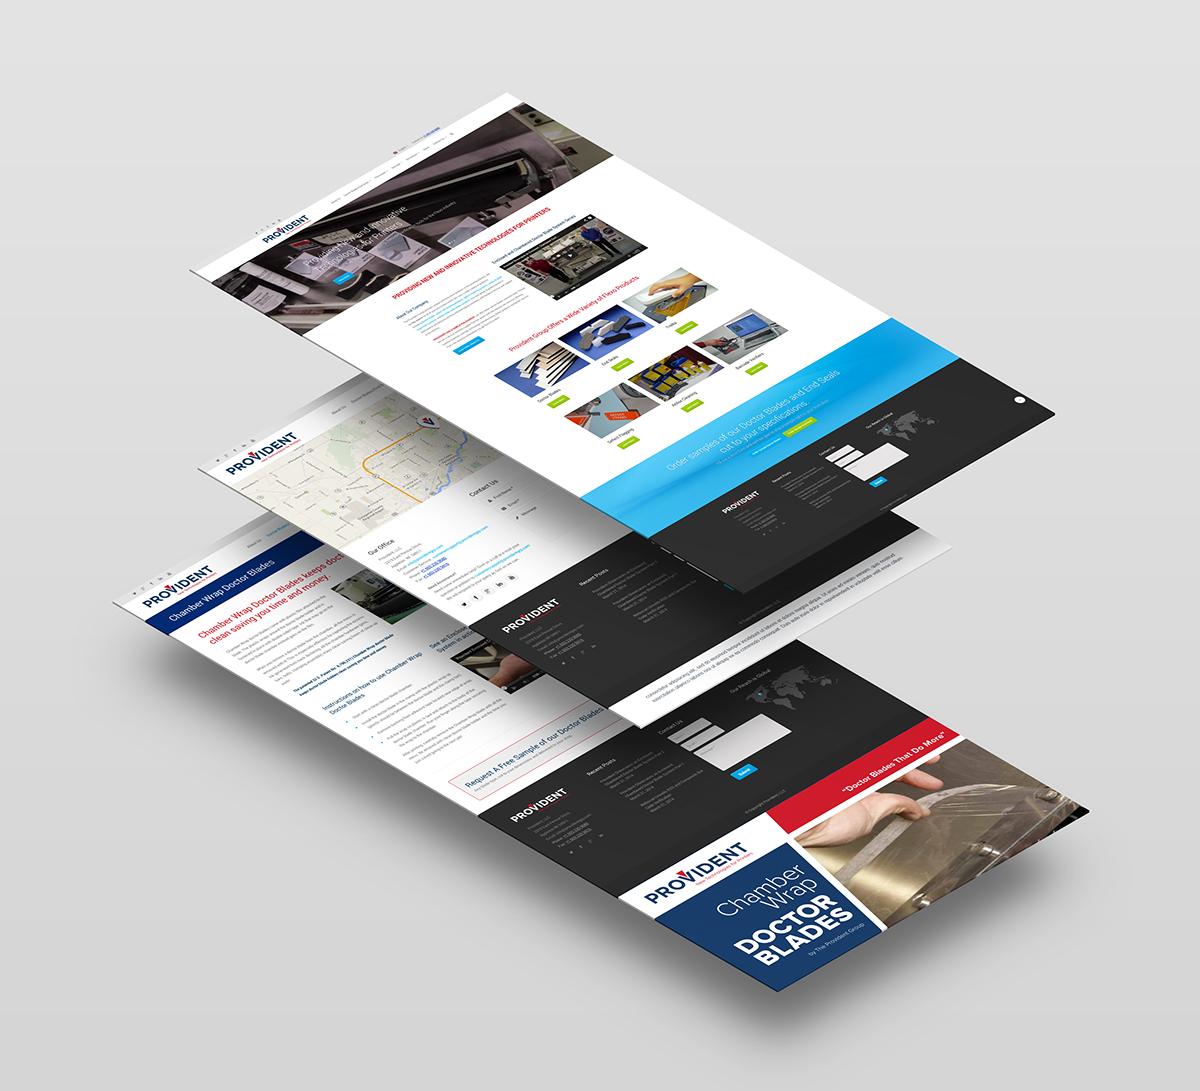 Responsive website design concepts for manufacturer